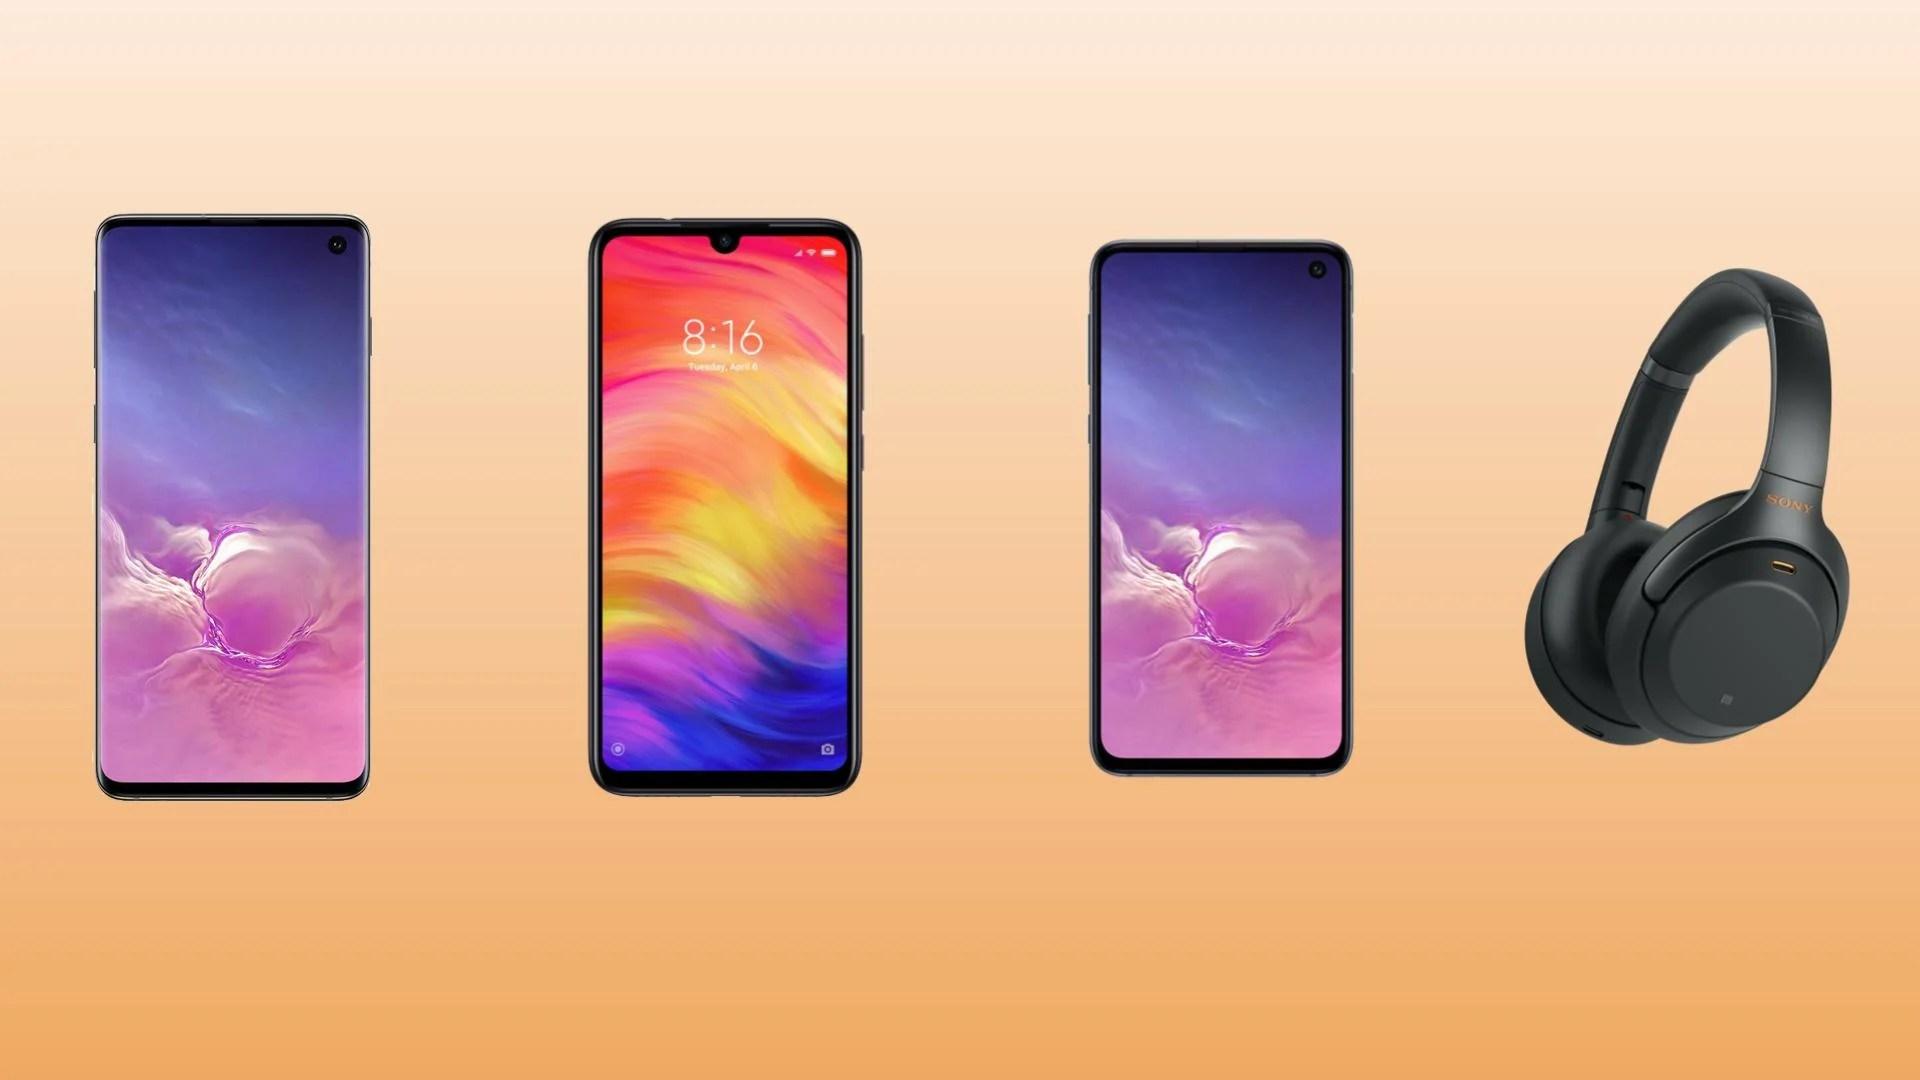 Samsung Galaxy S10 à 688 euros, Galaxy S10e à 585 euros et casque Sony XM3 à 280 euros sur Rakuten